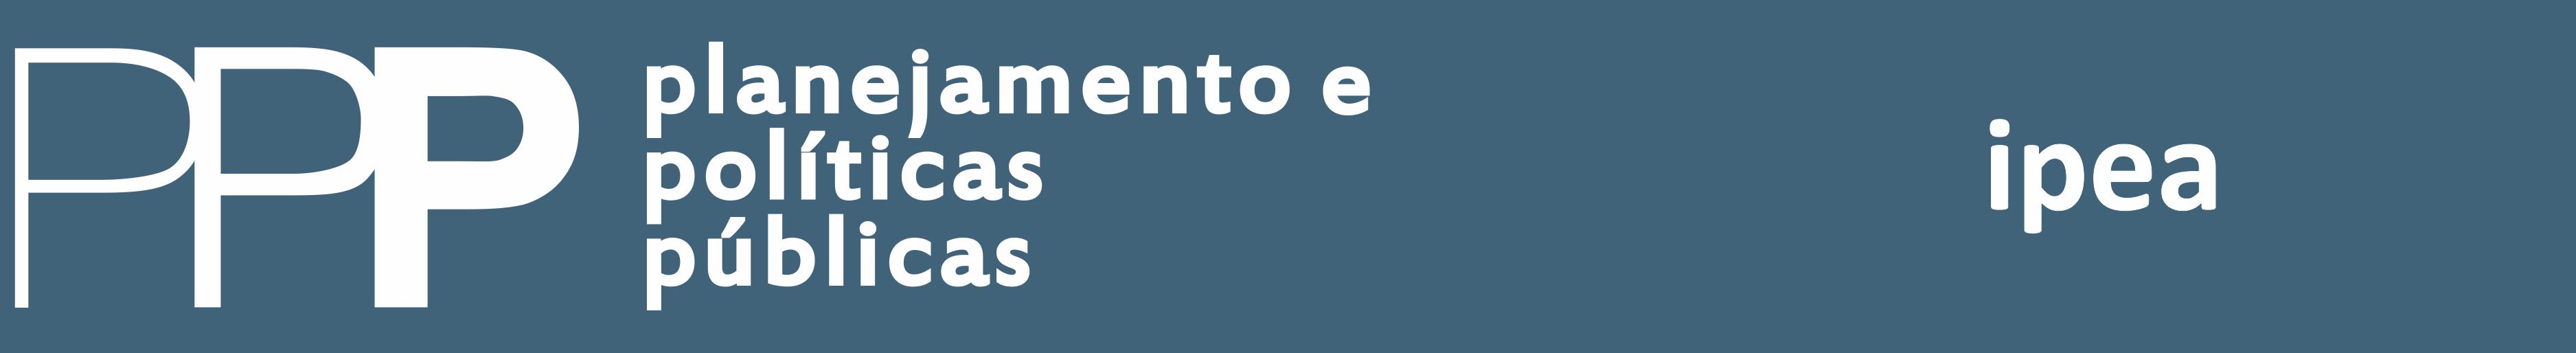 n. 57 (2021): PLANEJAMENTO E POLÍTICAS PÚBLICAS - PPP ...